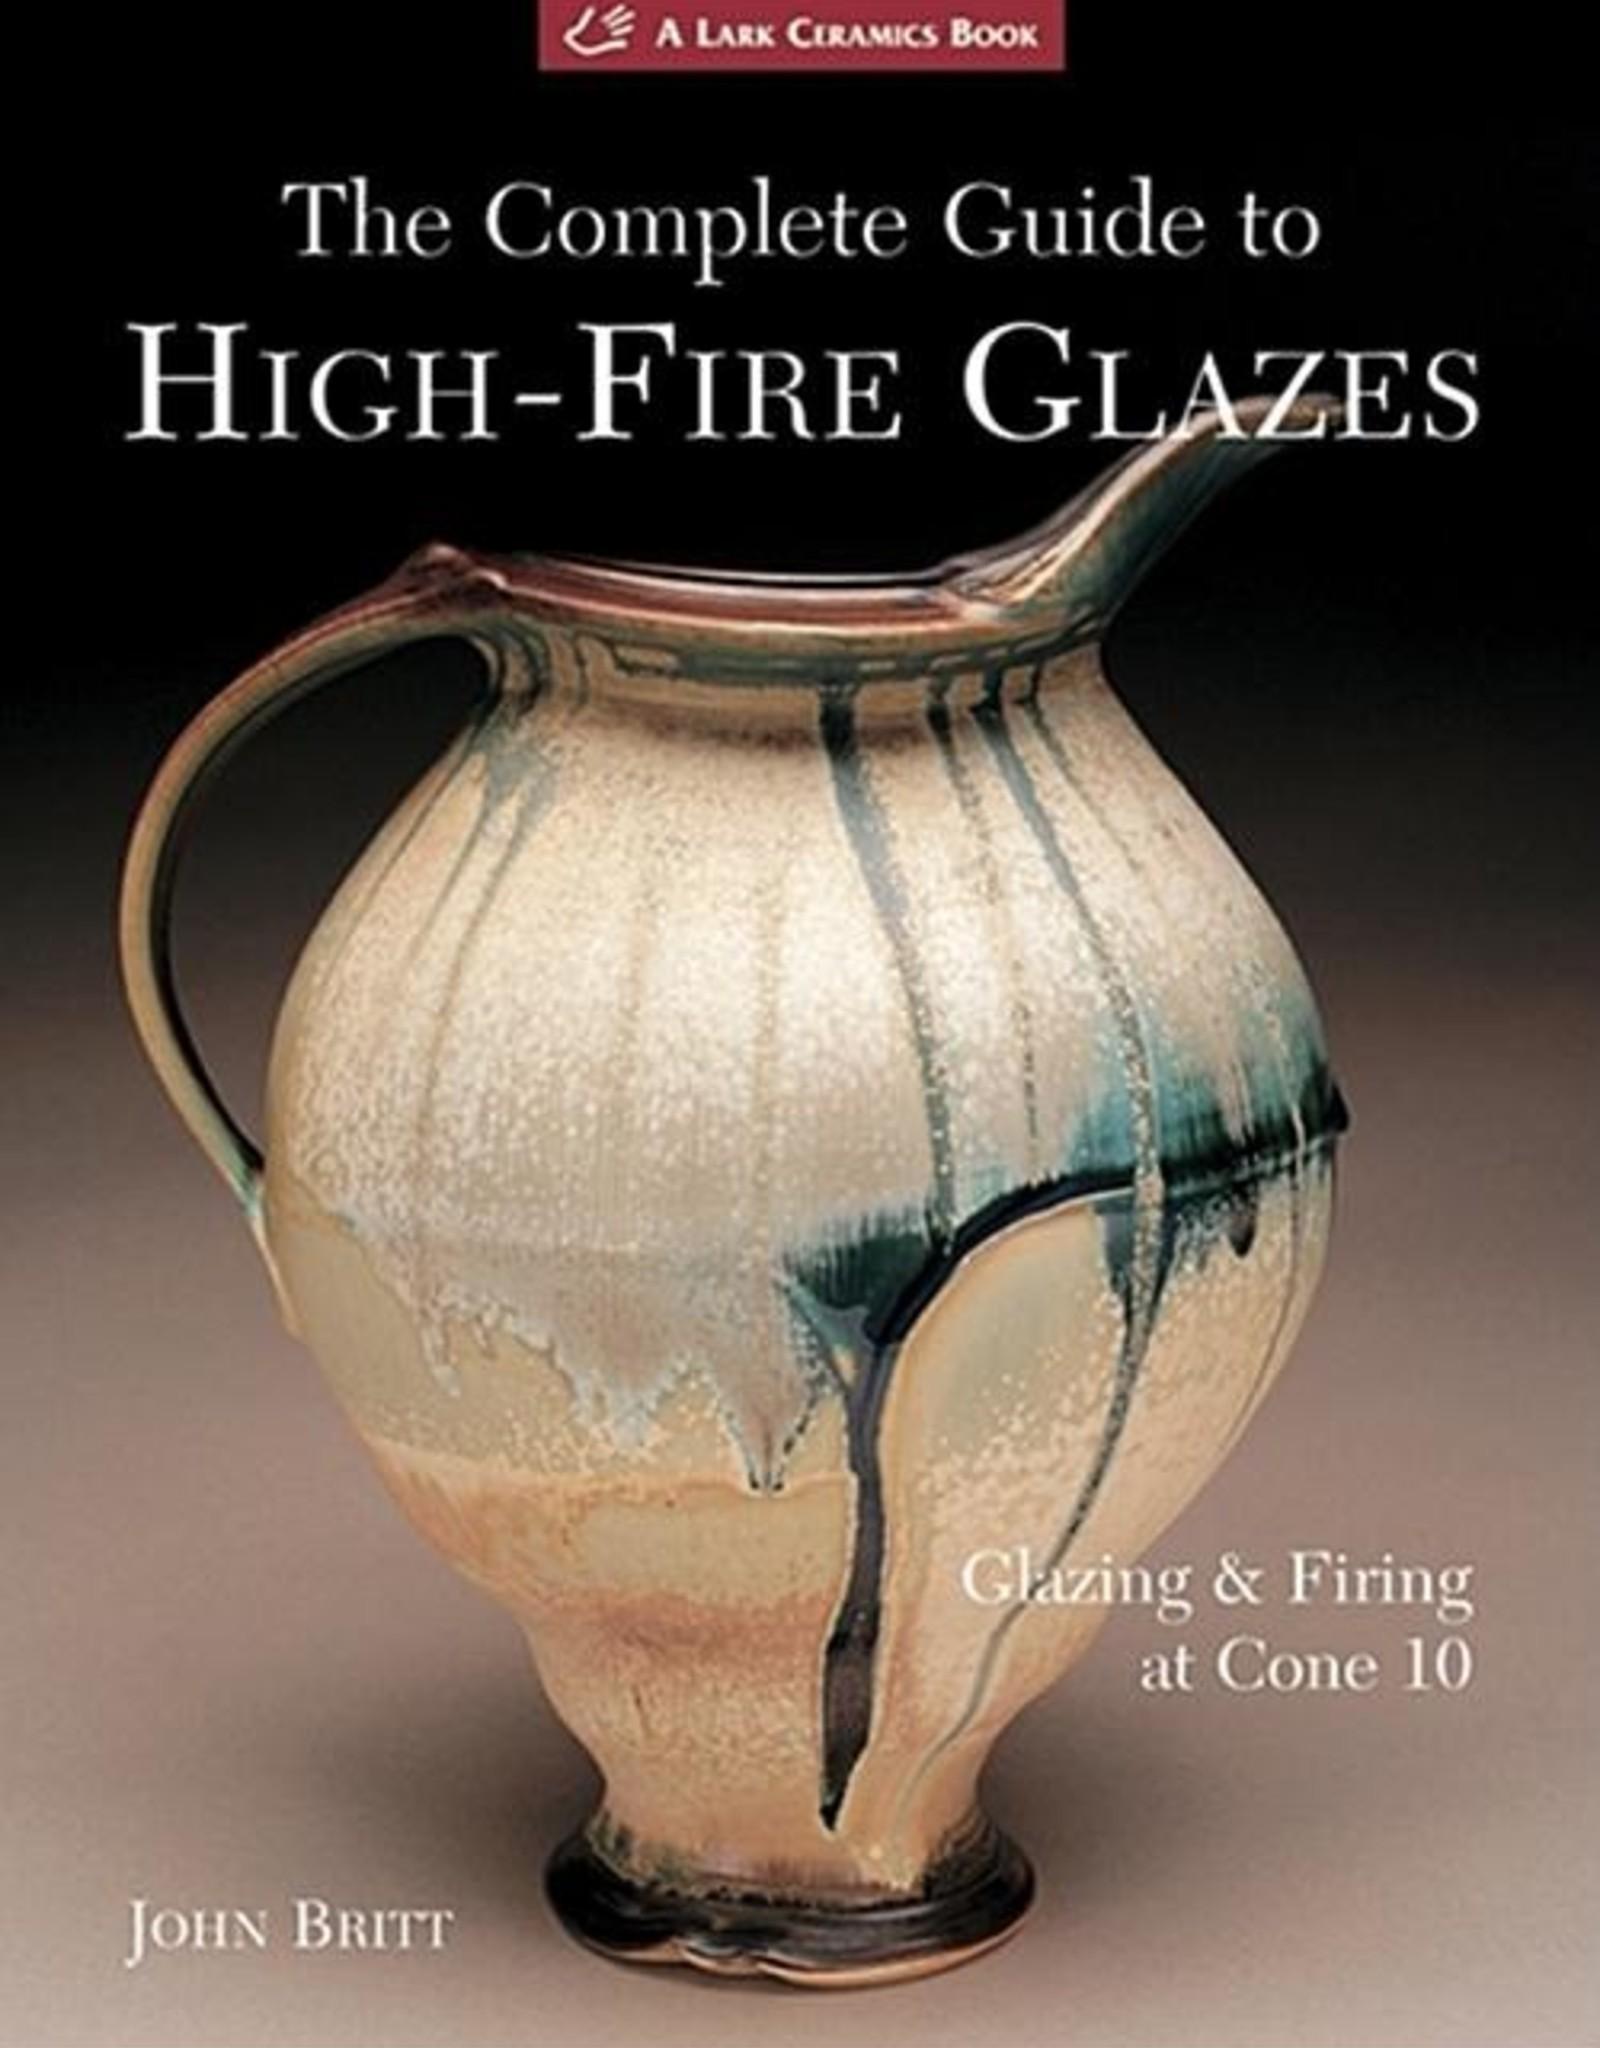 Complete Guide to High-Fire Glazes / John Britt